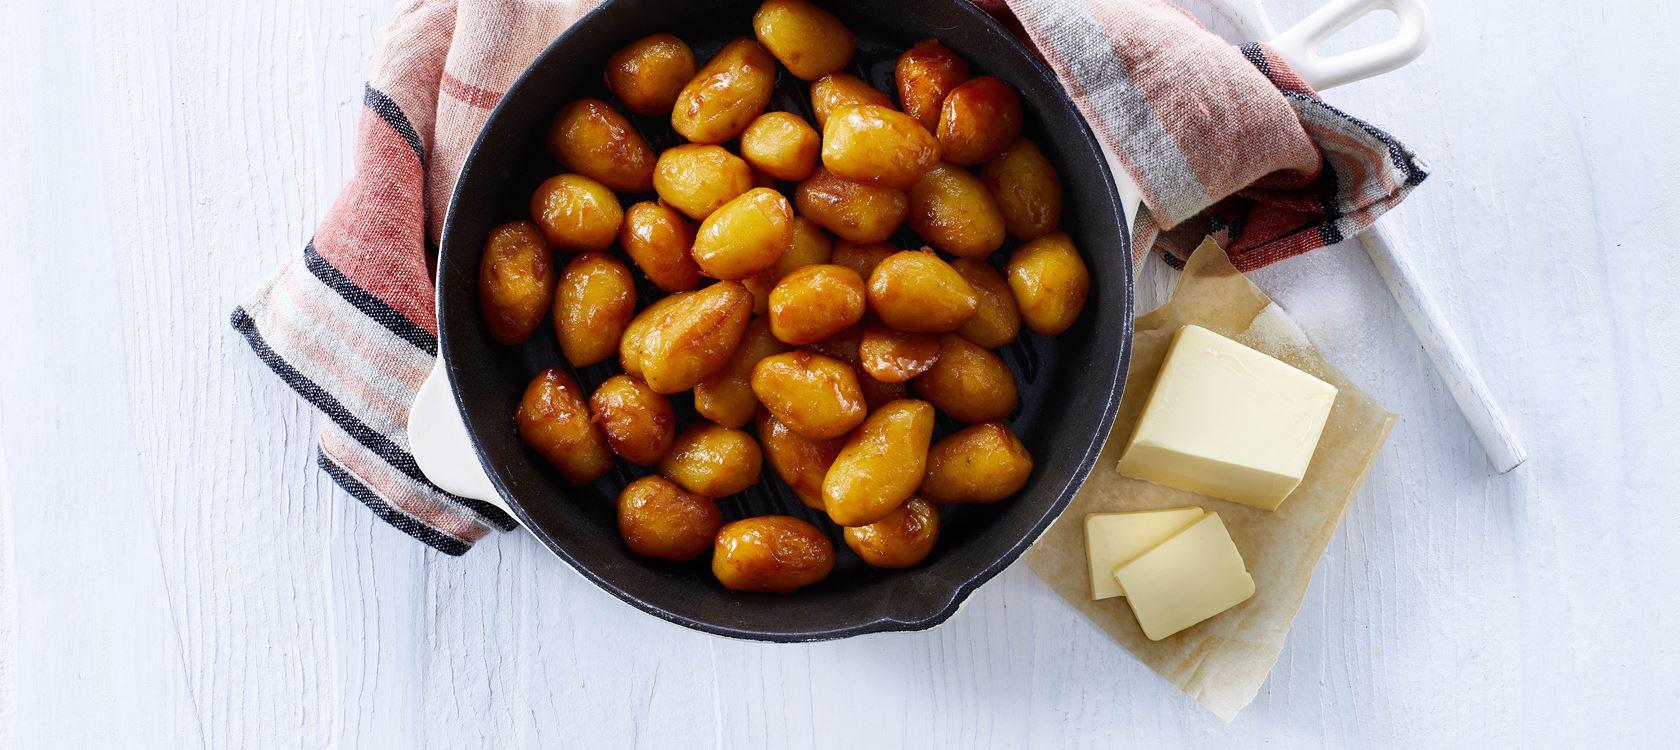 Brunede Kartofler Opskrifter Arla